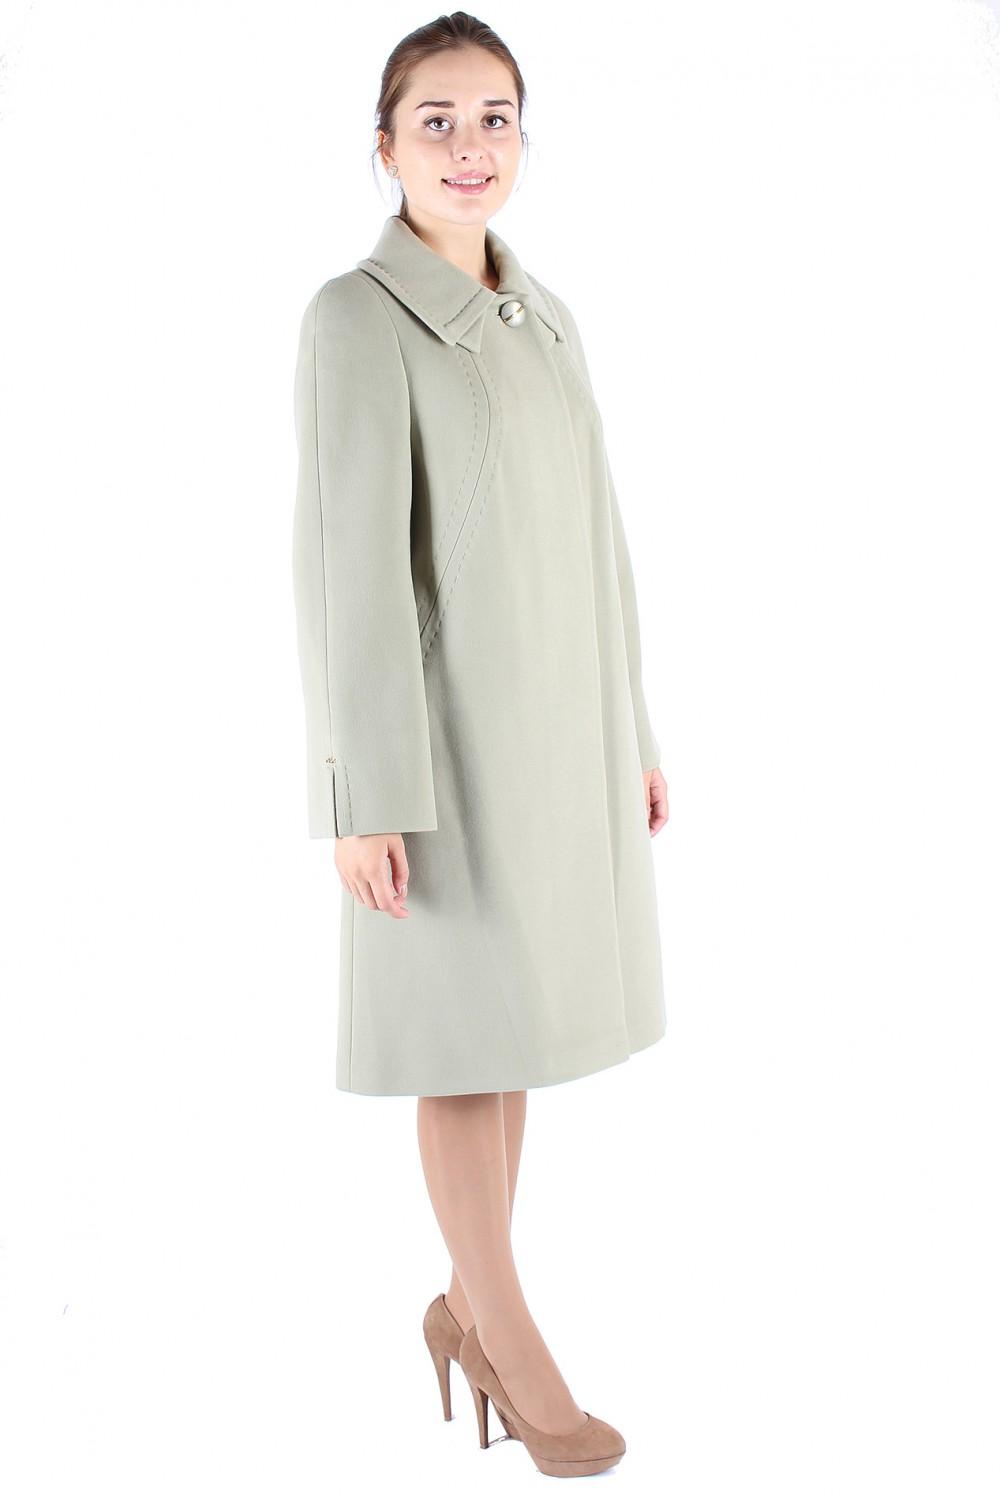 Купить оптом Пальто женское фисташкового цвета 265Fs в  Красноярске